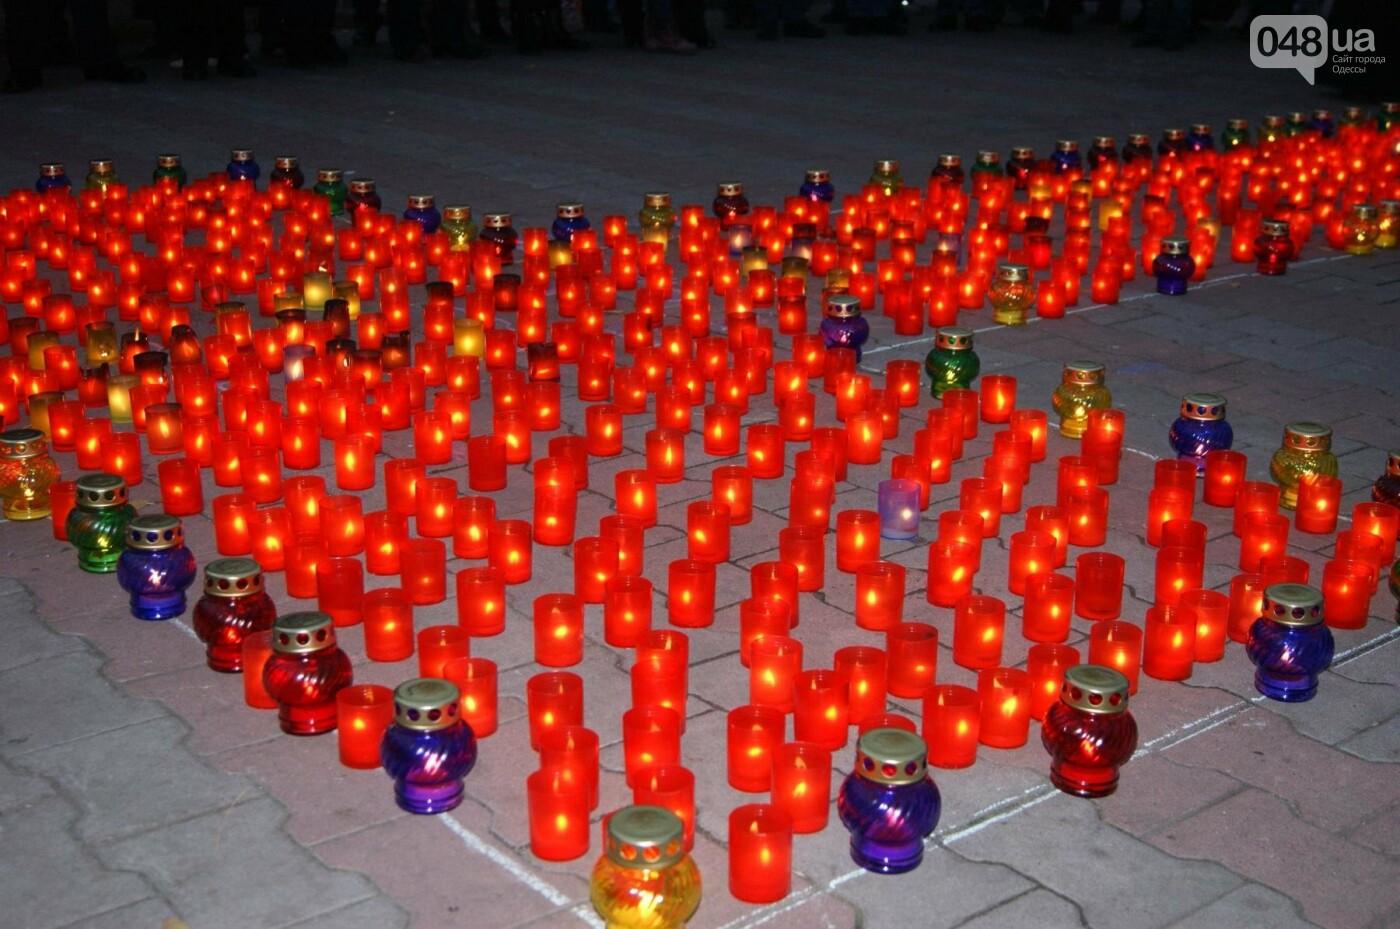 Одесситы провели трогательную акцию (ФОТО, ВИДЕО), фото-11